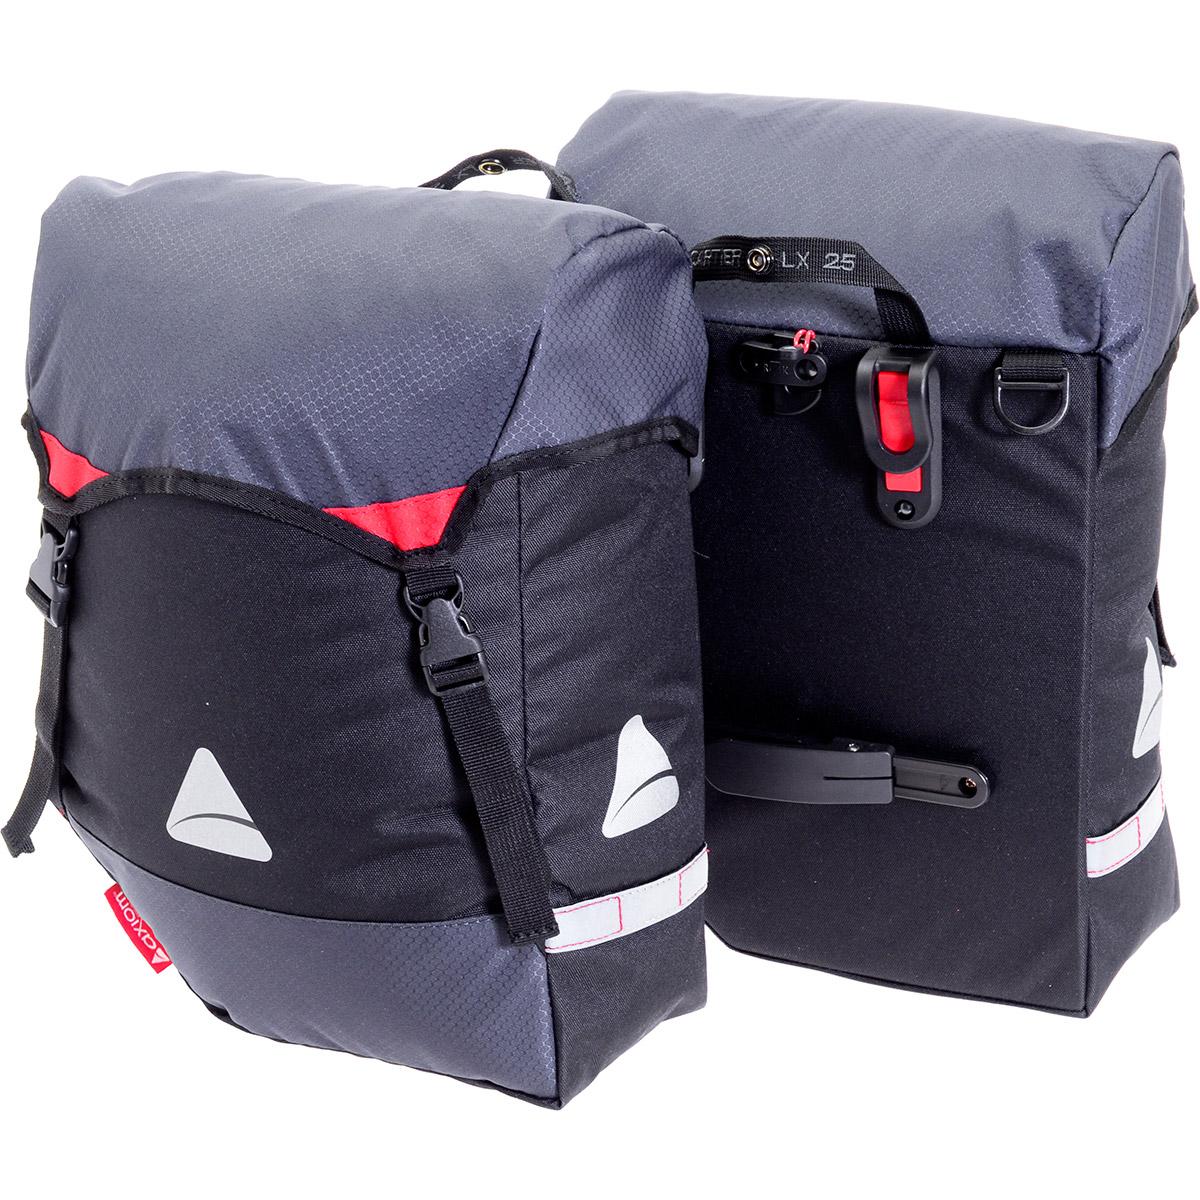 Porte bagages avant Kinetics pour le block de fixation Brompton Cartier-lx-25-1